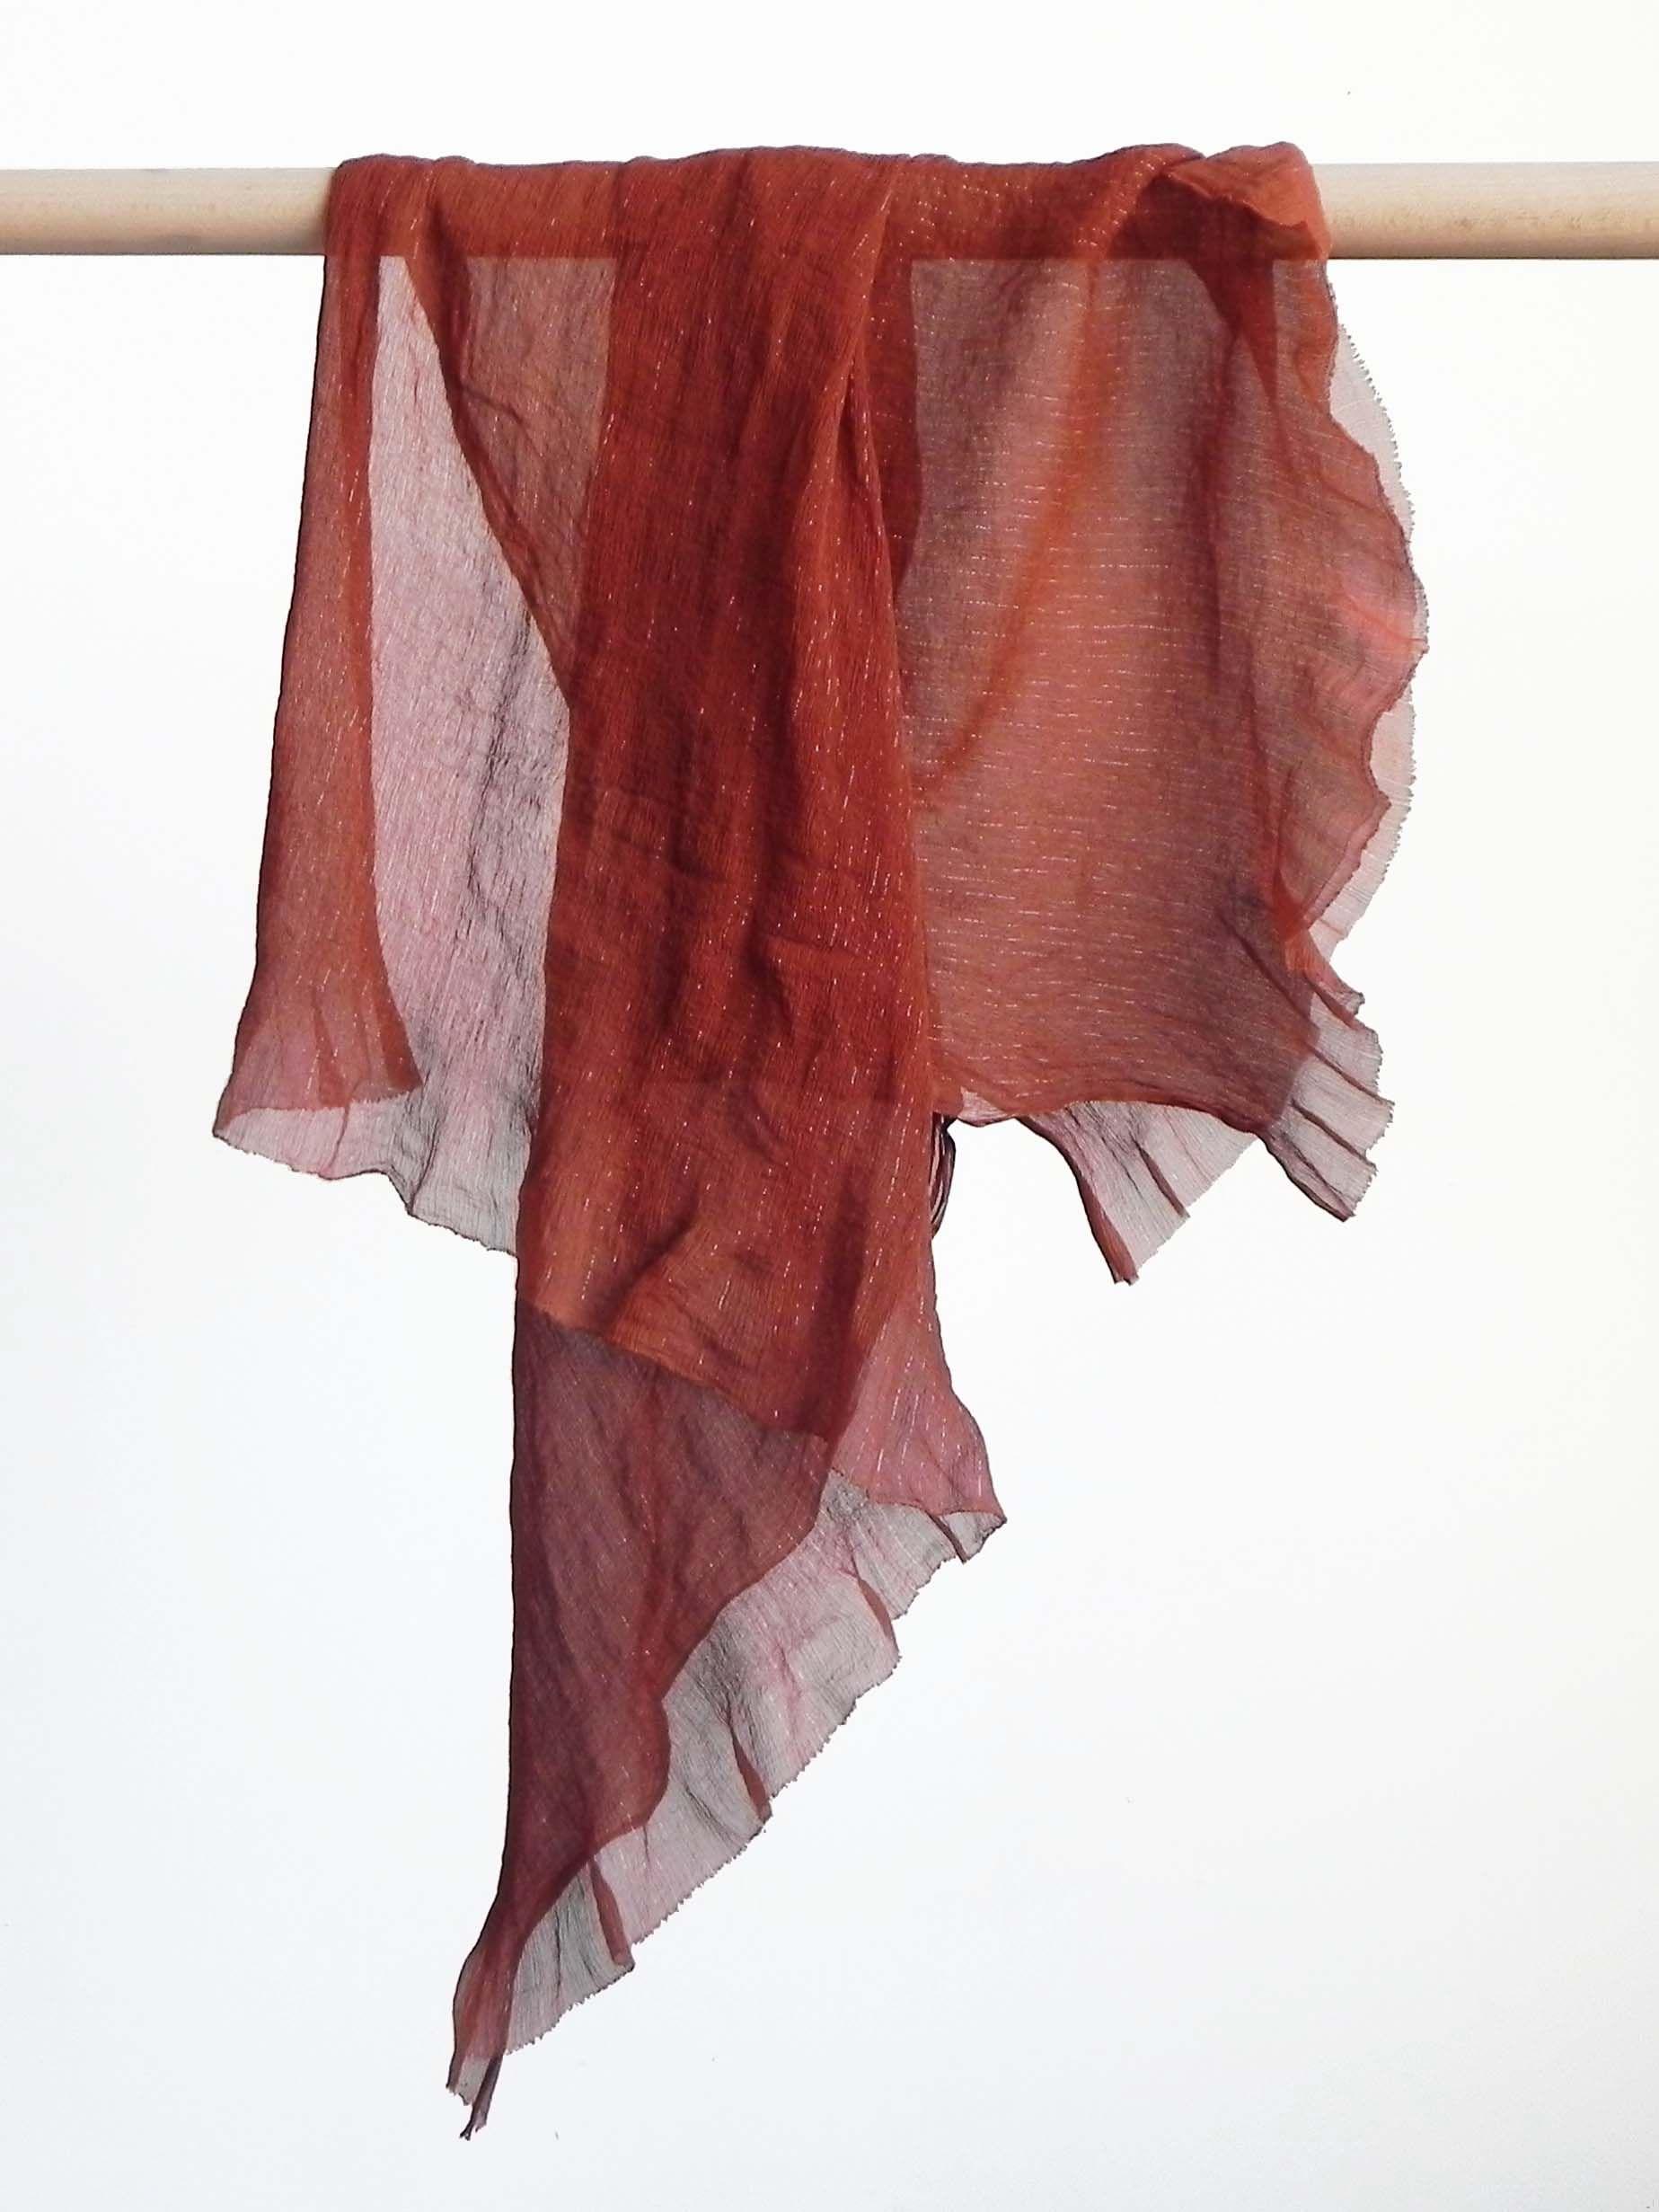 714661462b18 Foulard de soie teinture naturelle de cachou (acacia tinctorial) Réalisé  par la marque Rézéda